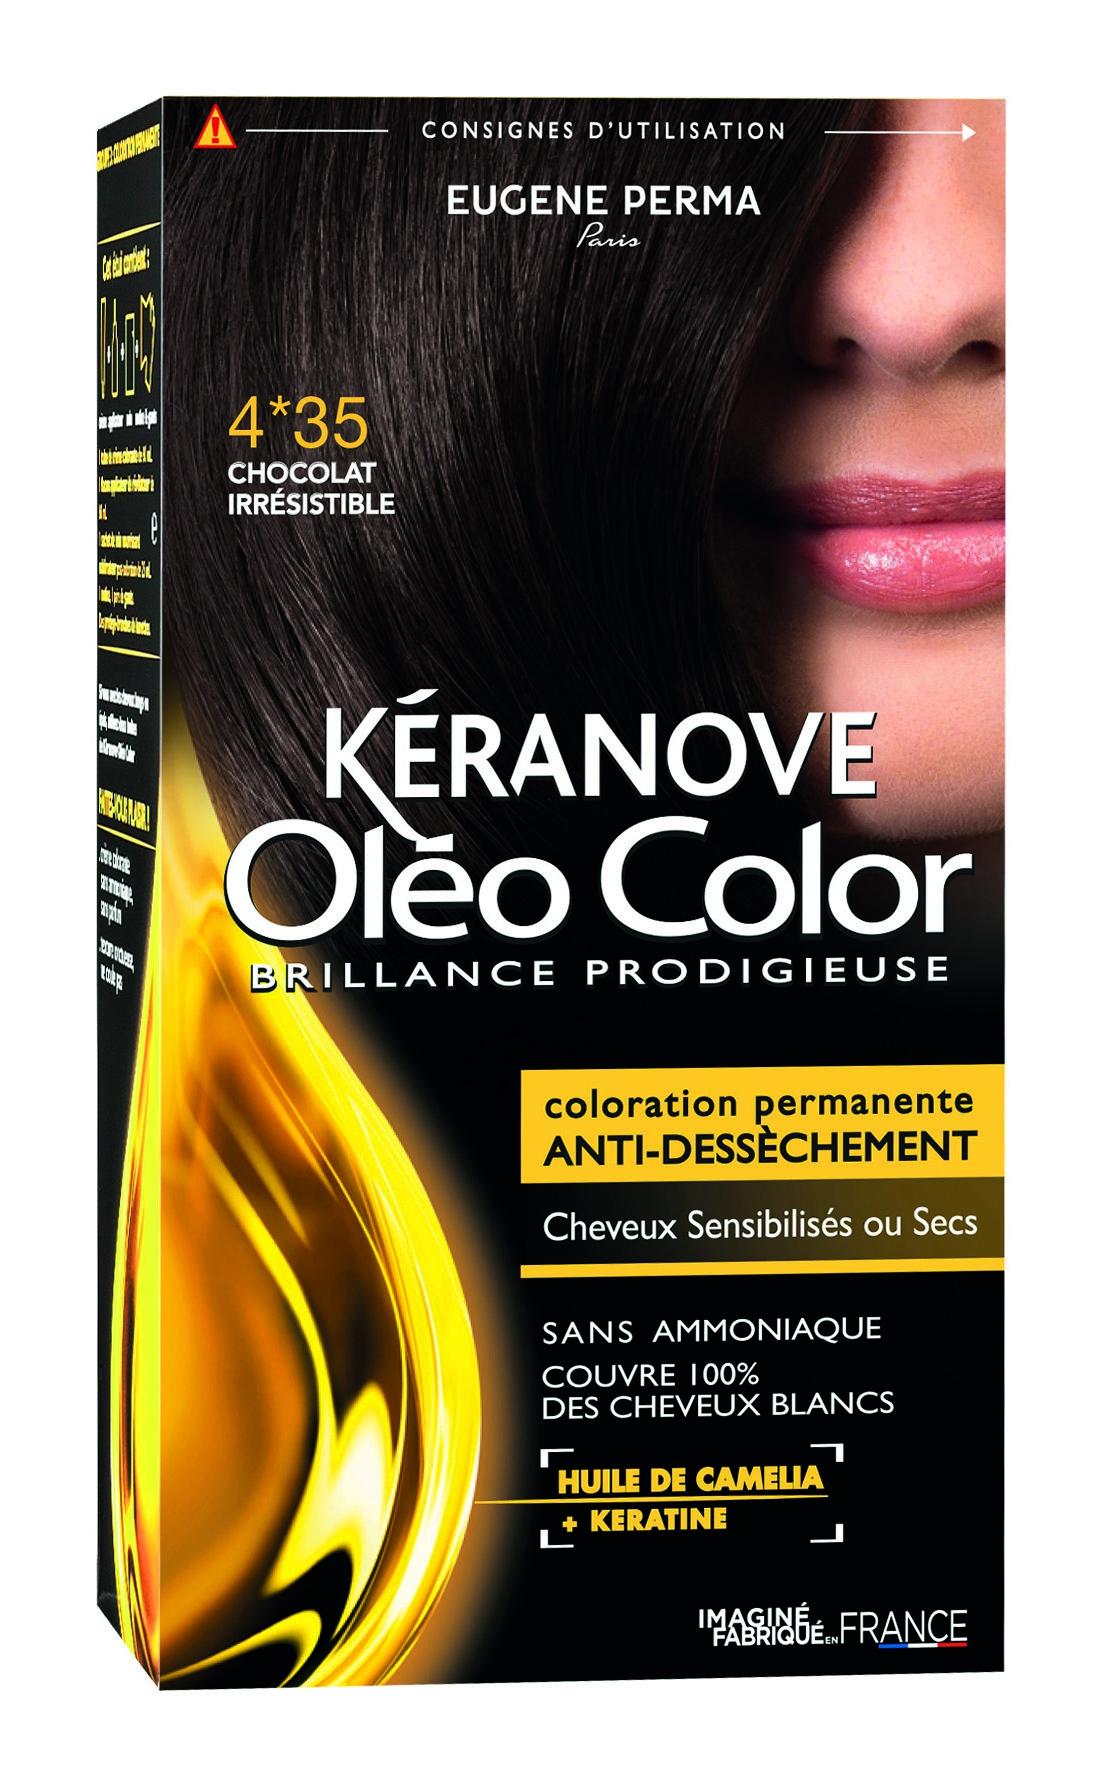 Kéranove - Oléo Color.jpg